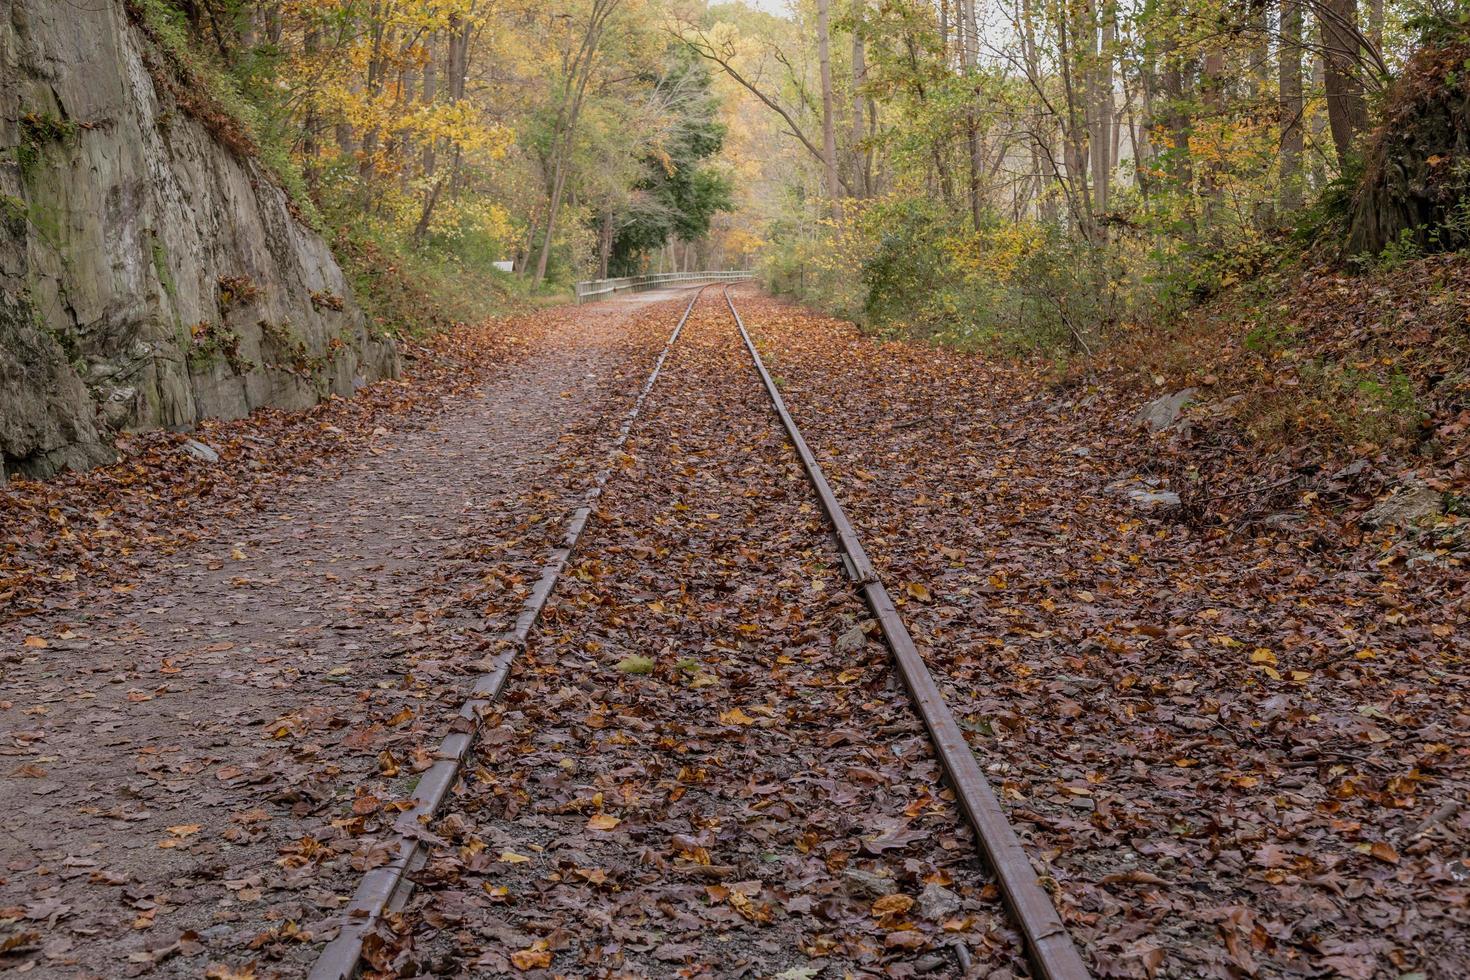 Eisenbahnschienen mit Laub bedeckt foto